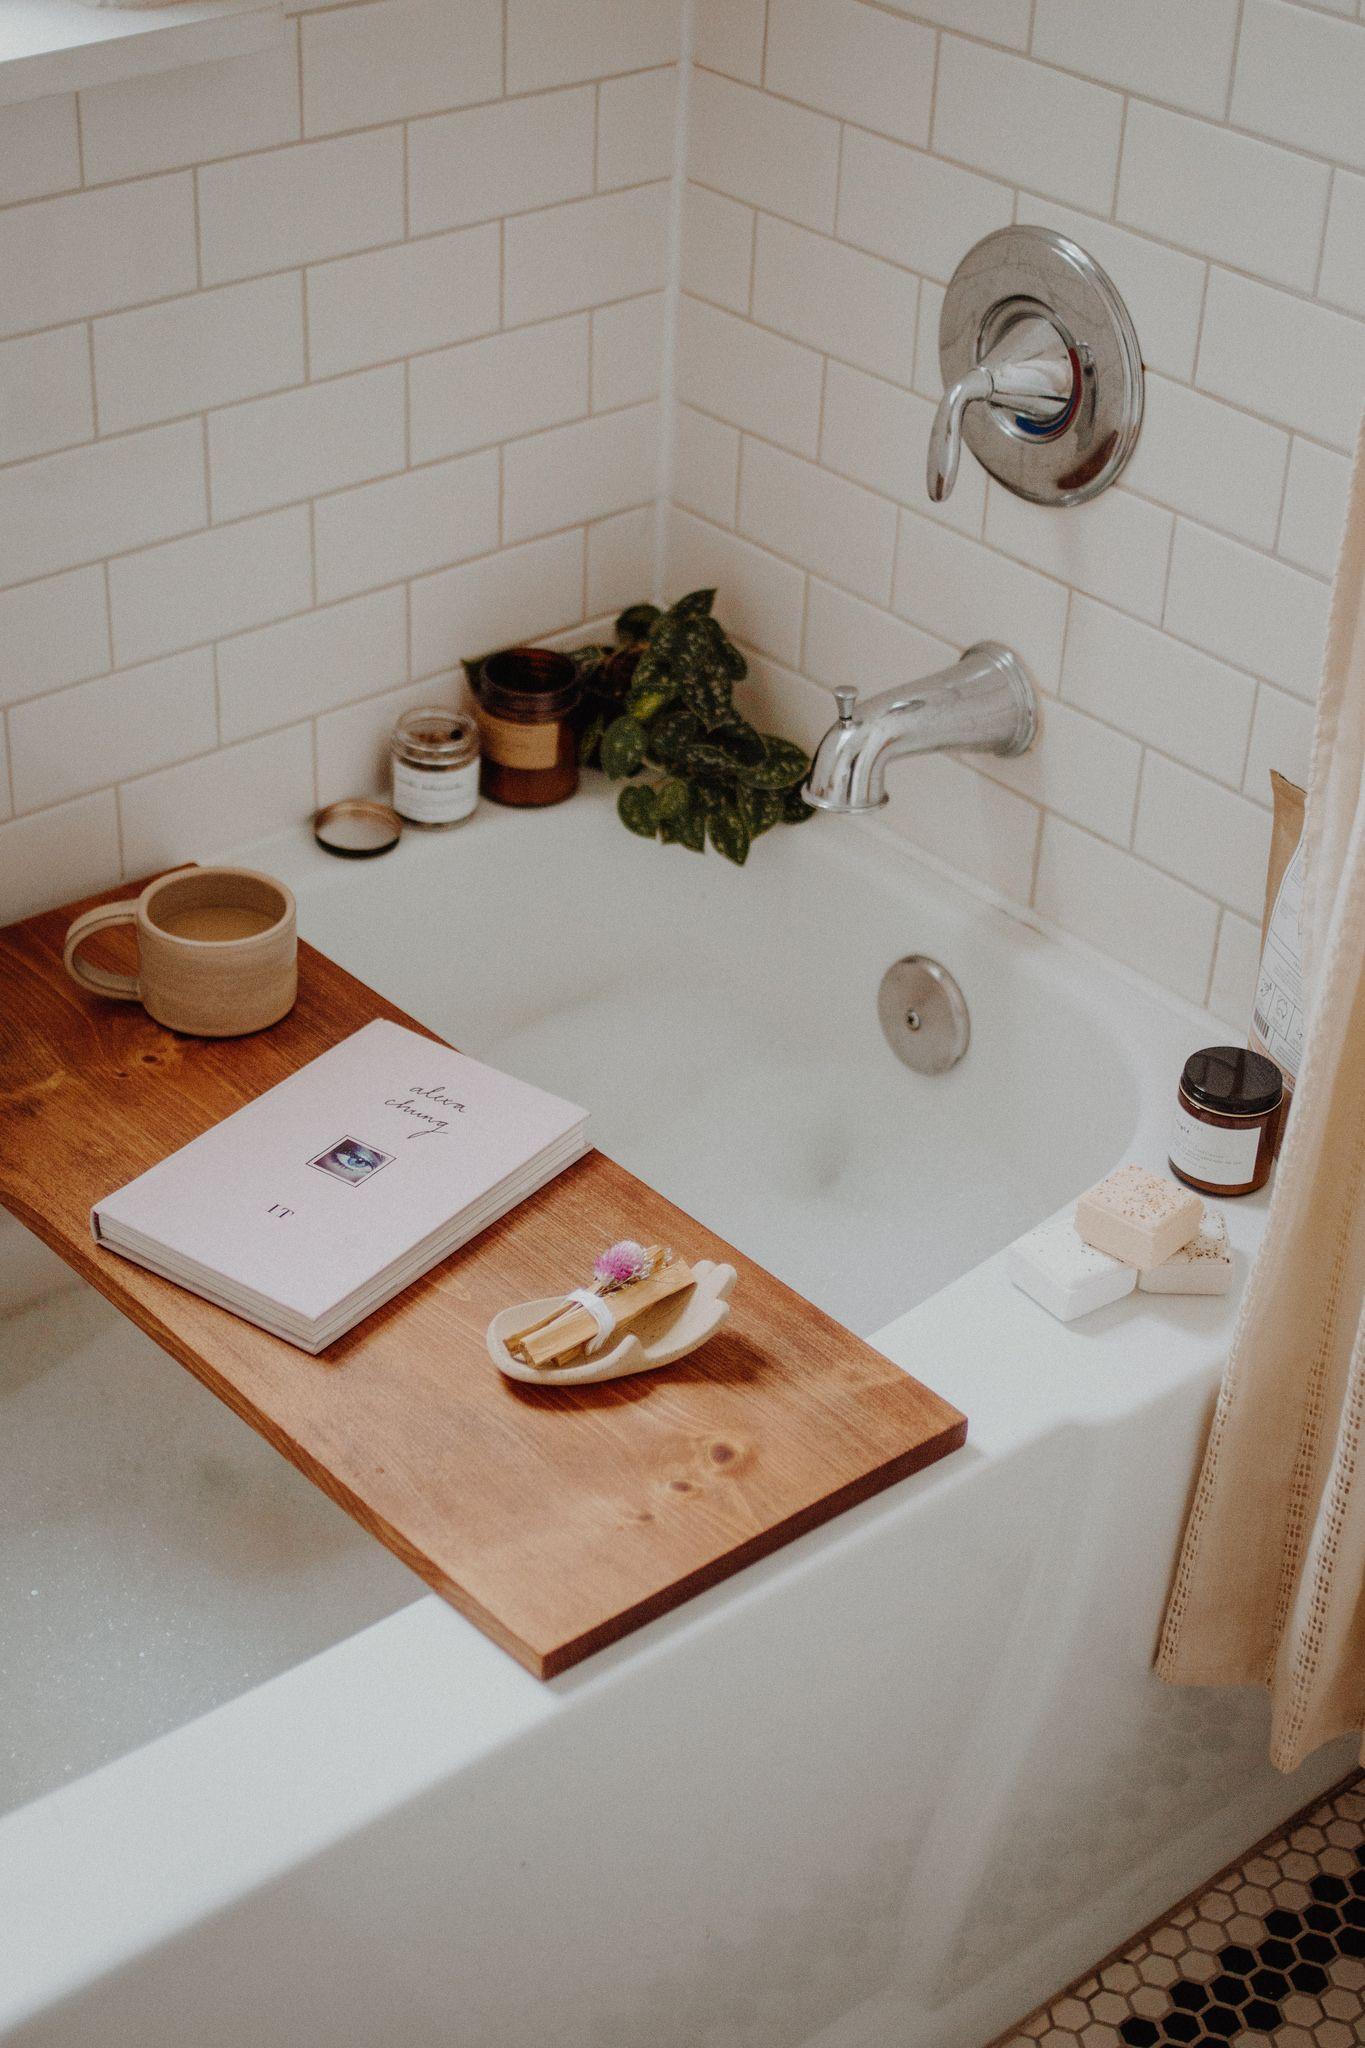 5 Ways To Turn Your Bathroom Into A Dreamy Spa Con Imagenes